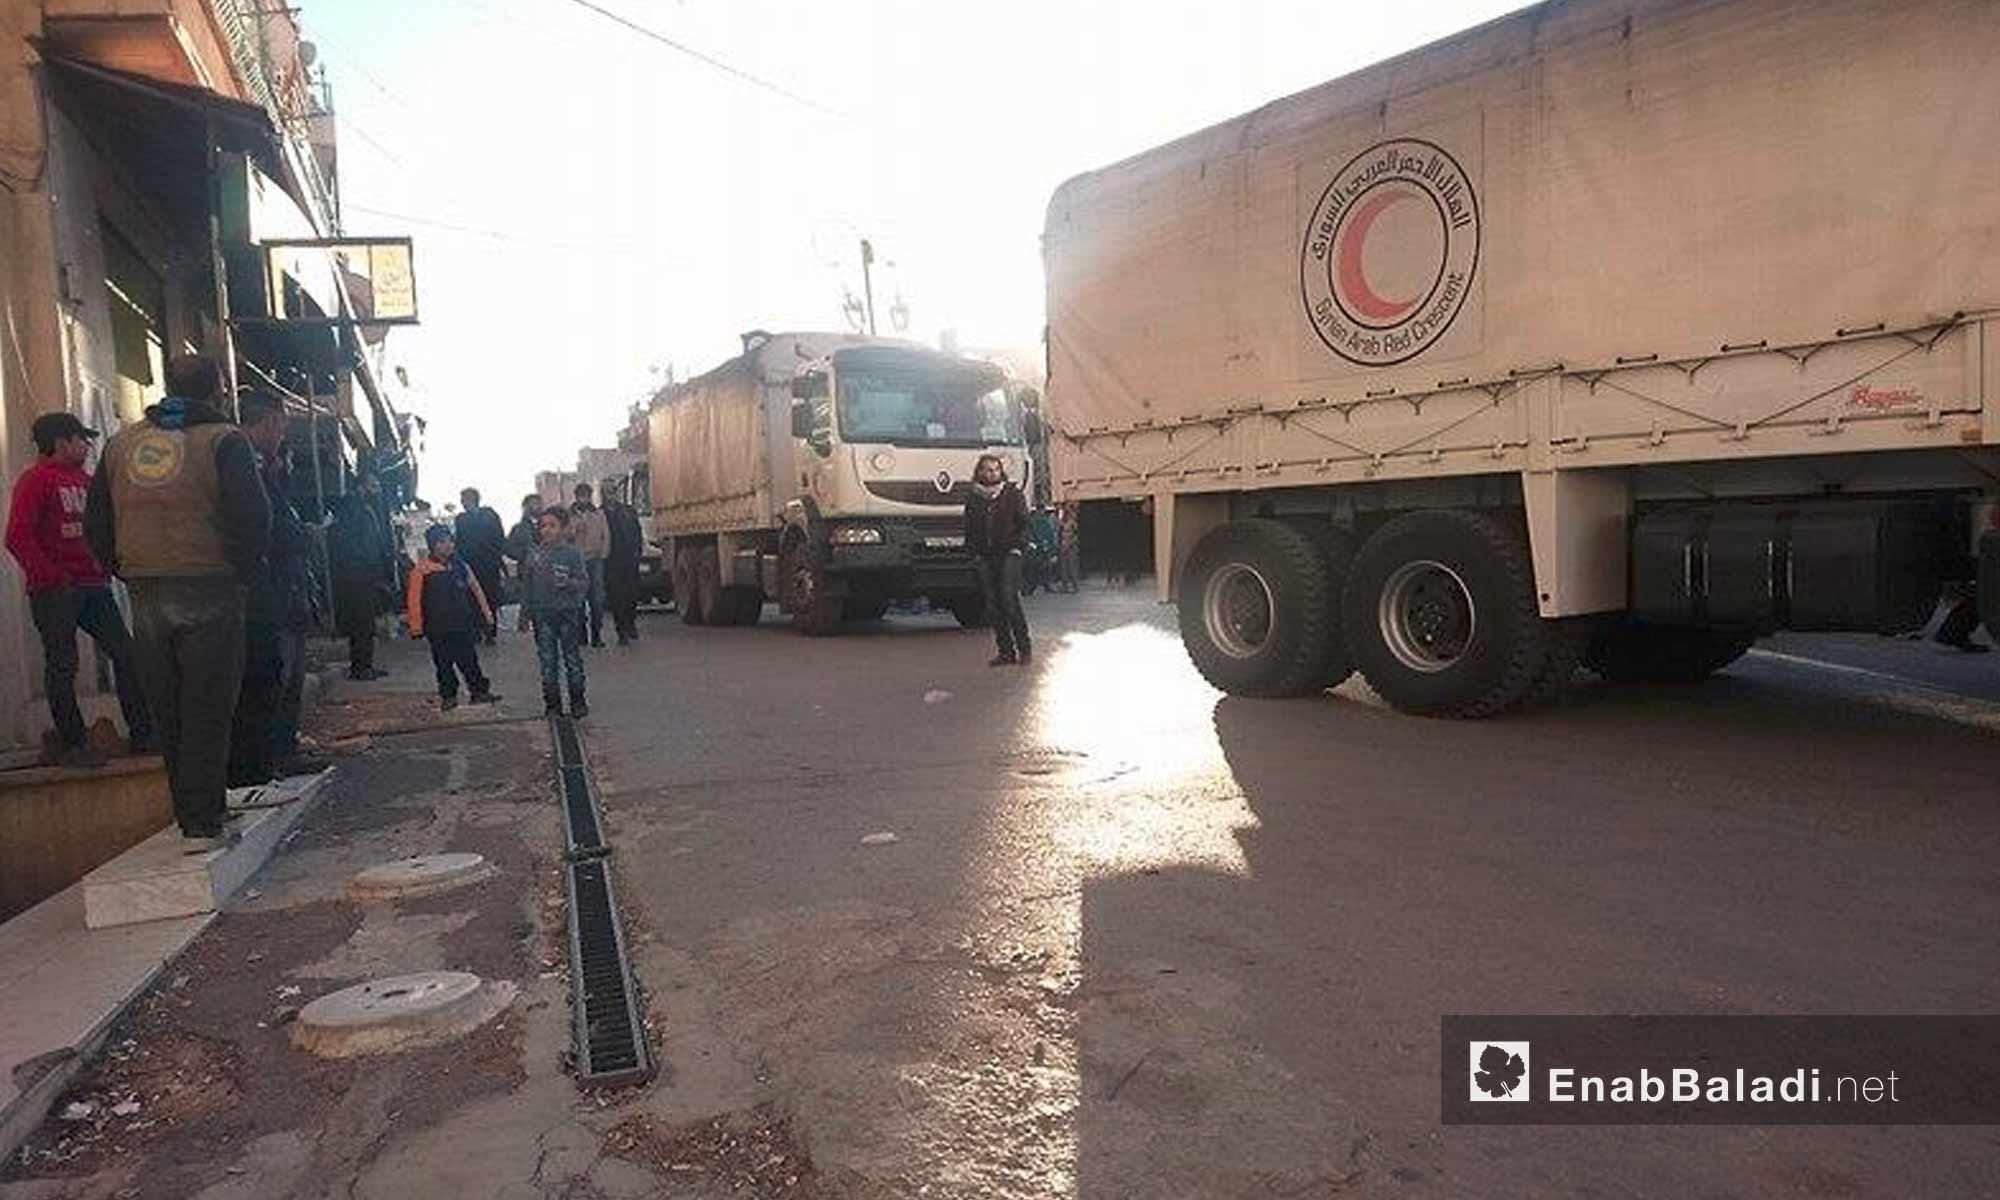 سيارات المساعدات داخل بلدة مضايا في ريف دمشق - 28 تشرين الثاني 2016 (عنب بلدي)